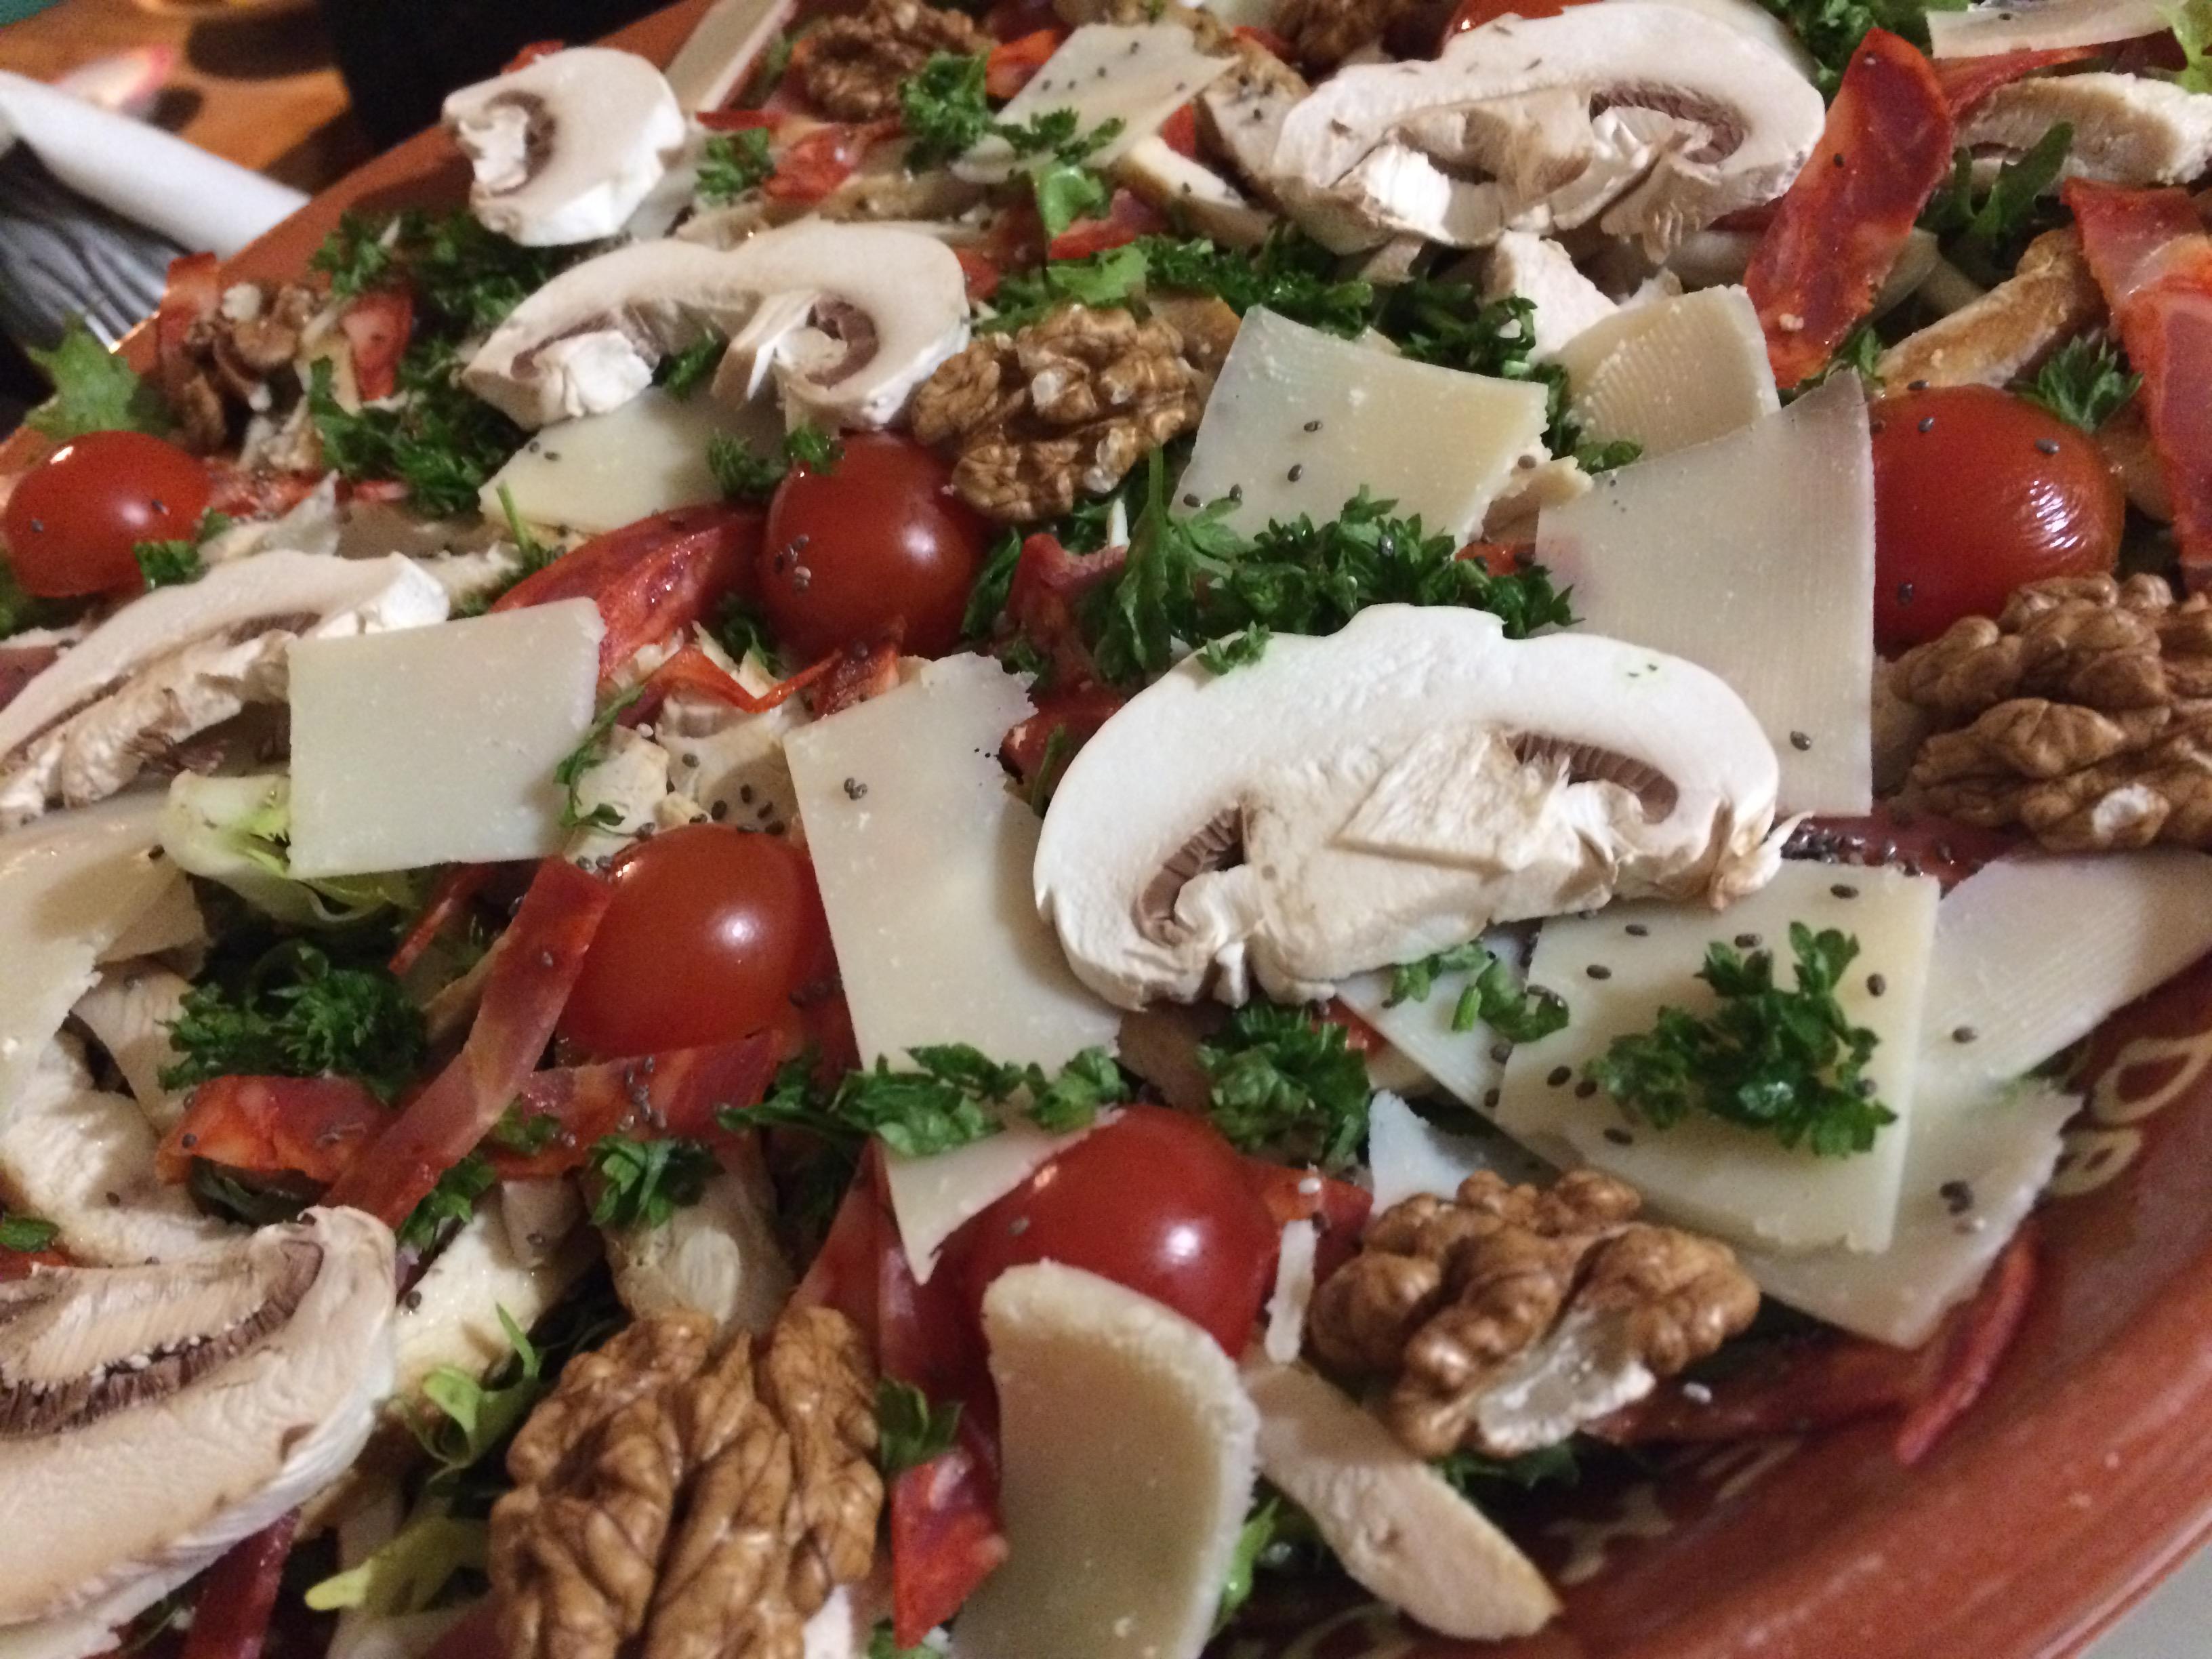 Salade de poulet chorizo et champignons frais amor 39 ing cooking - Salade de champignons frais ...